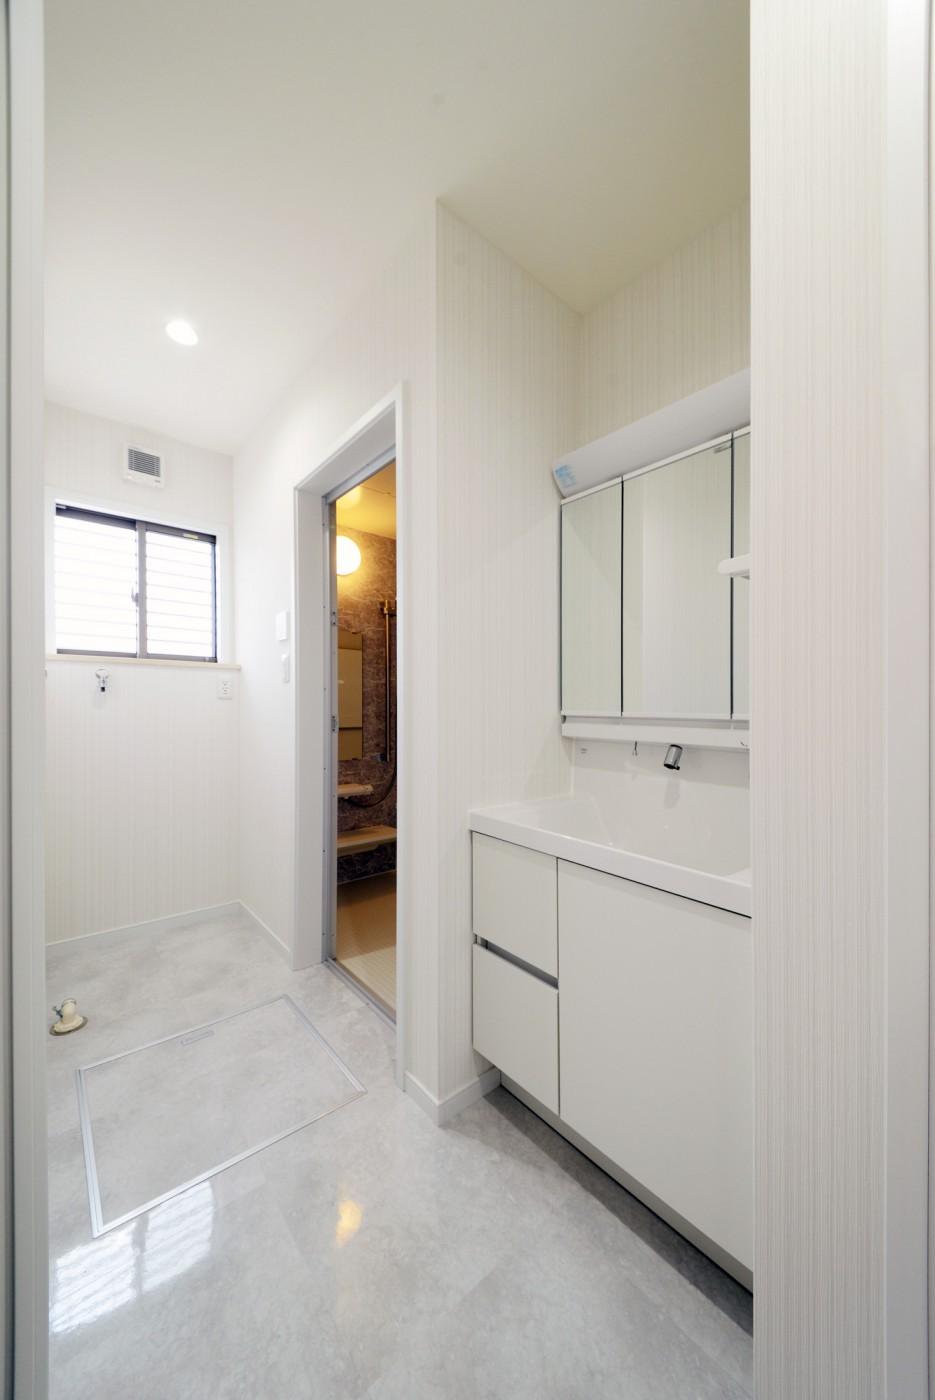 石目調の床、白い洗面台でスタイリッシュな空間に。